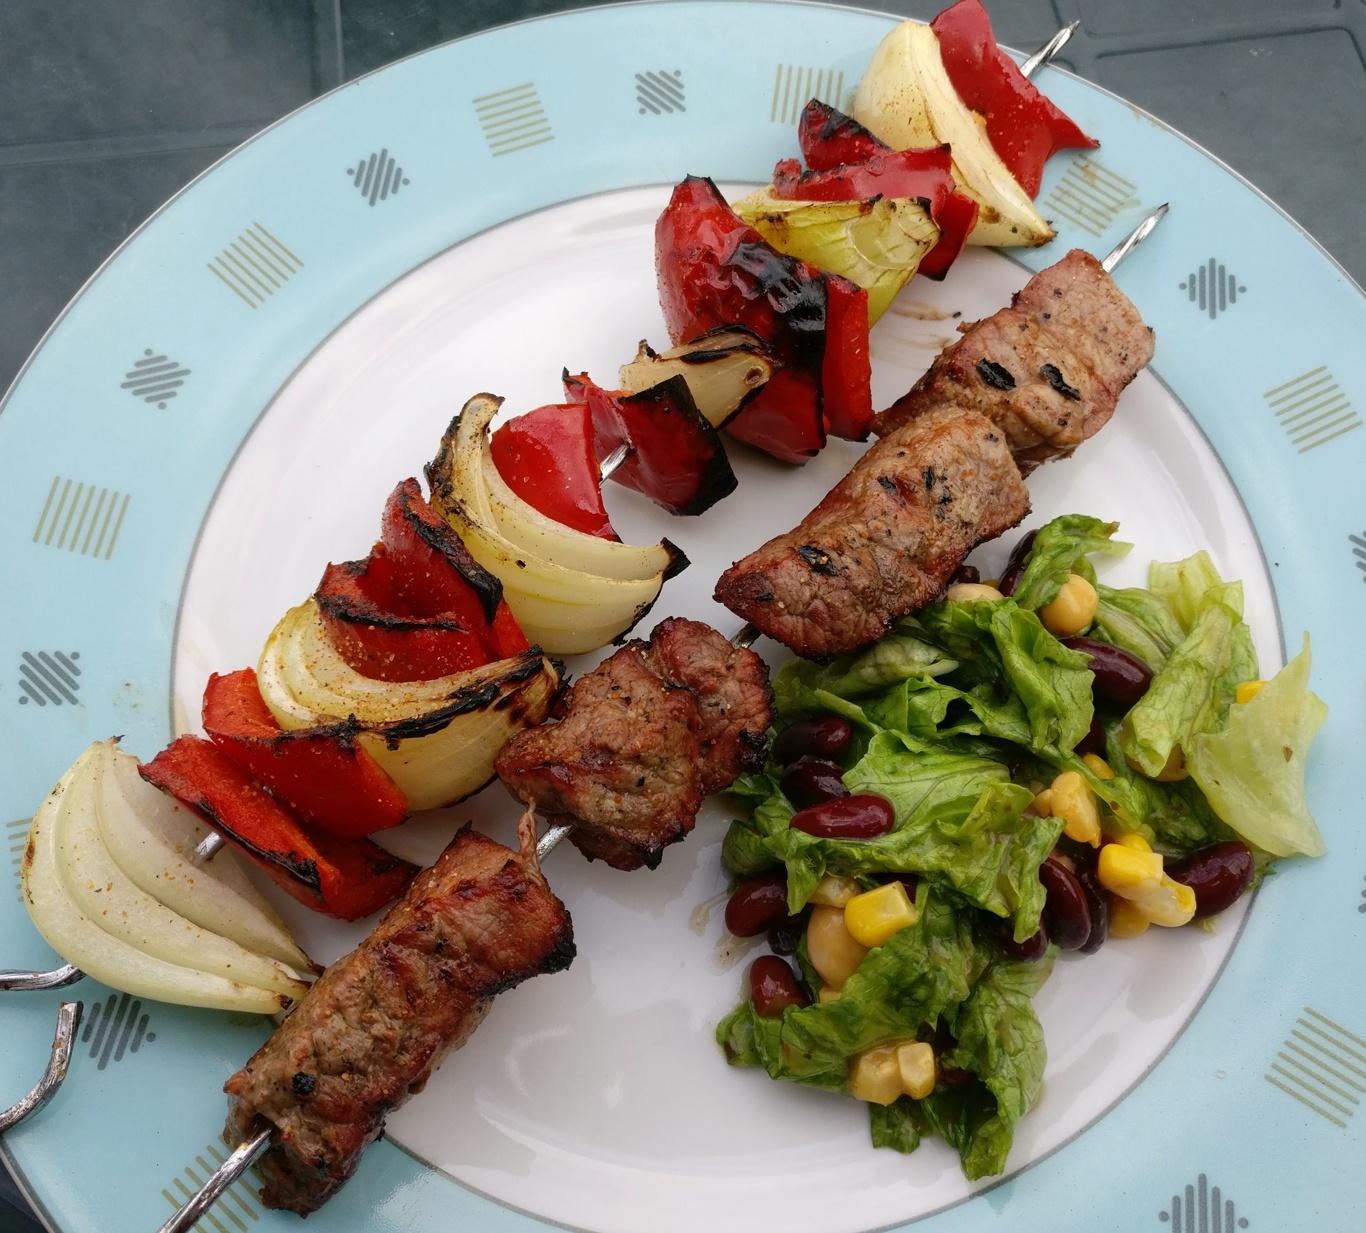 Zu den Schweine- und Gemüsespießen passt ein grüner Salat hervorragend.